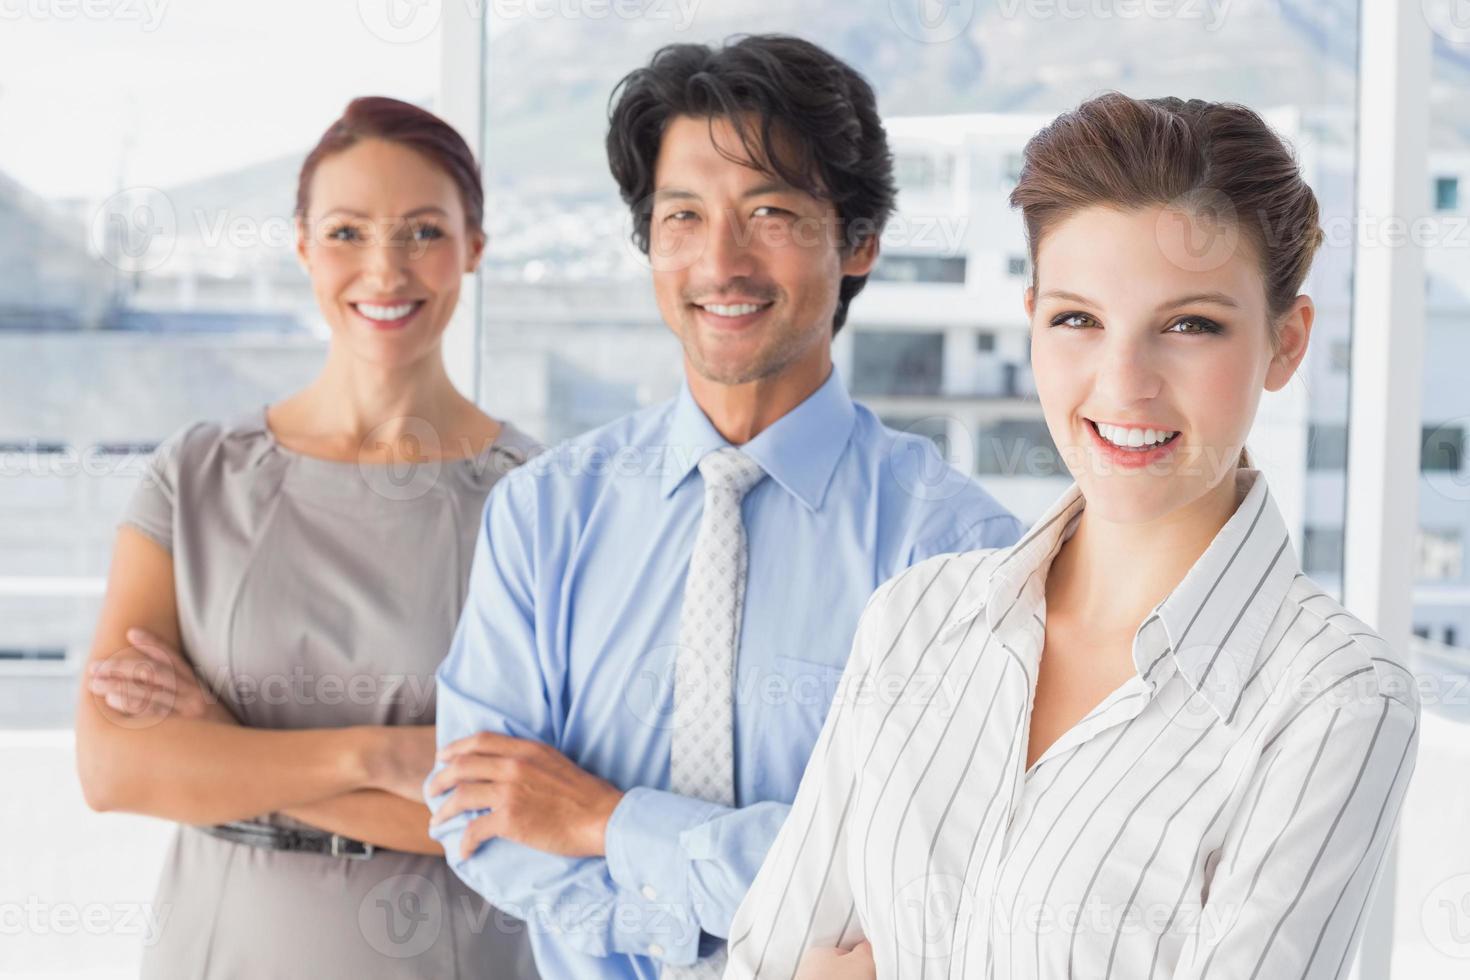 equipe de negócios esperando todos juntos foto